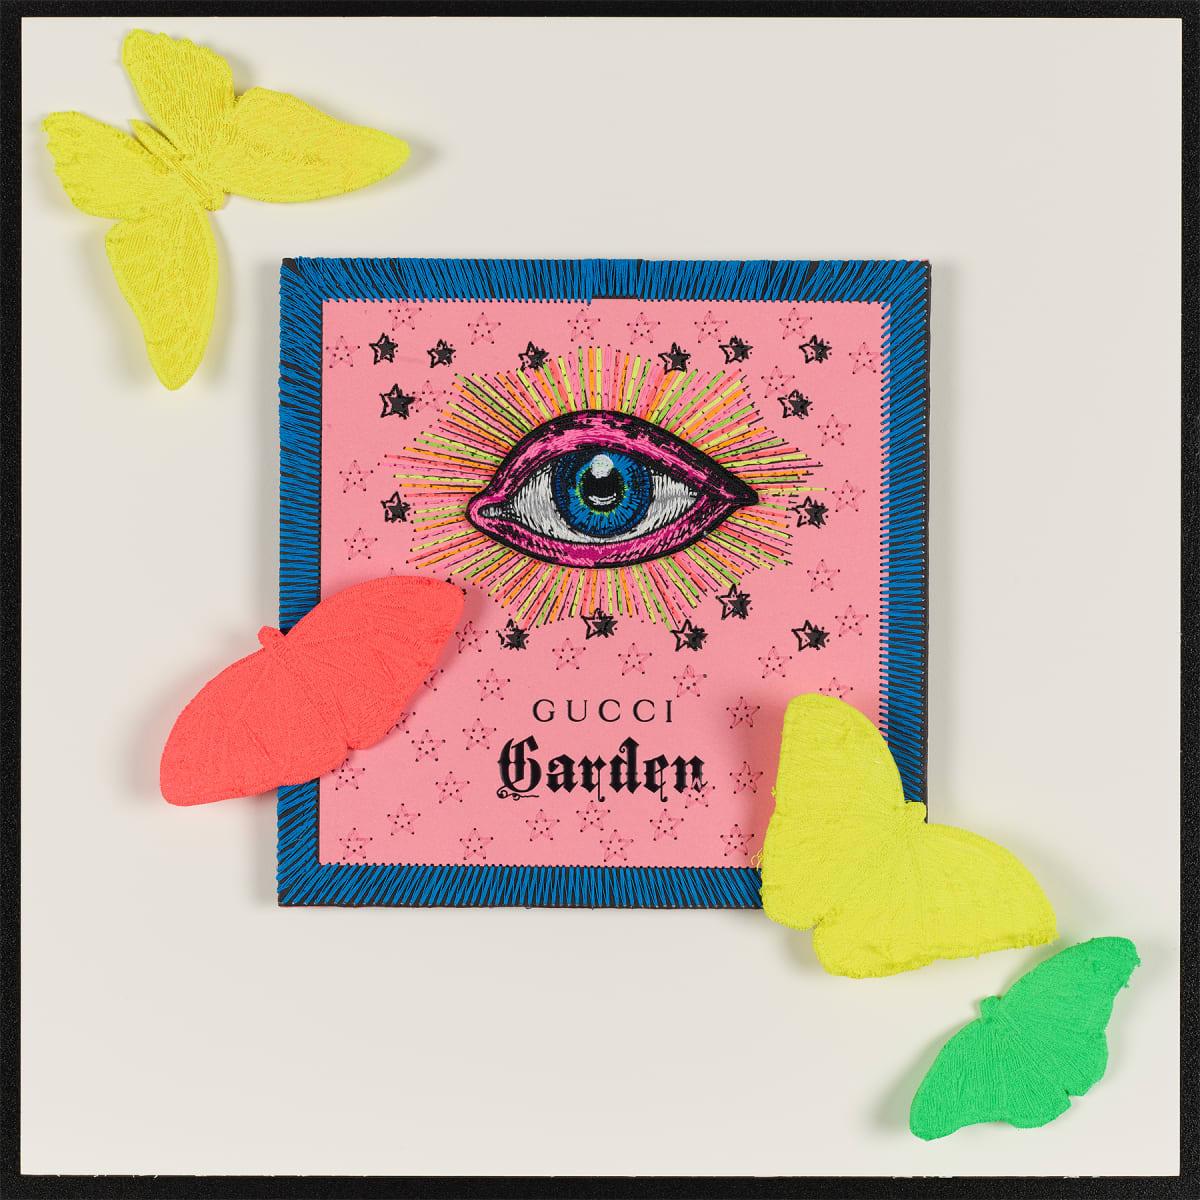 Stephen Wilson, Gucci Neon Garden V, 2020